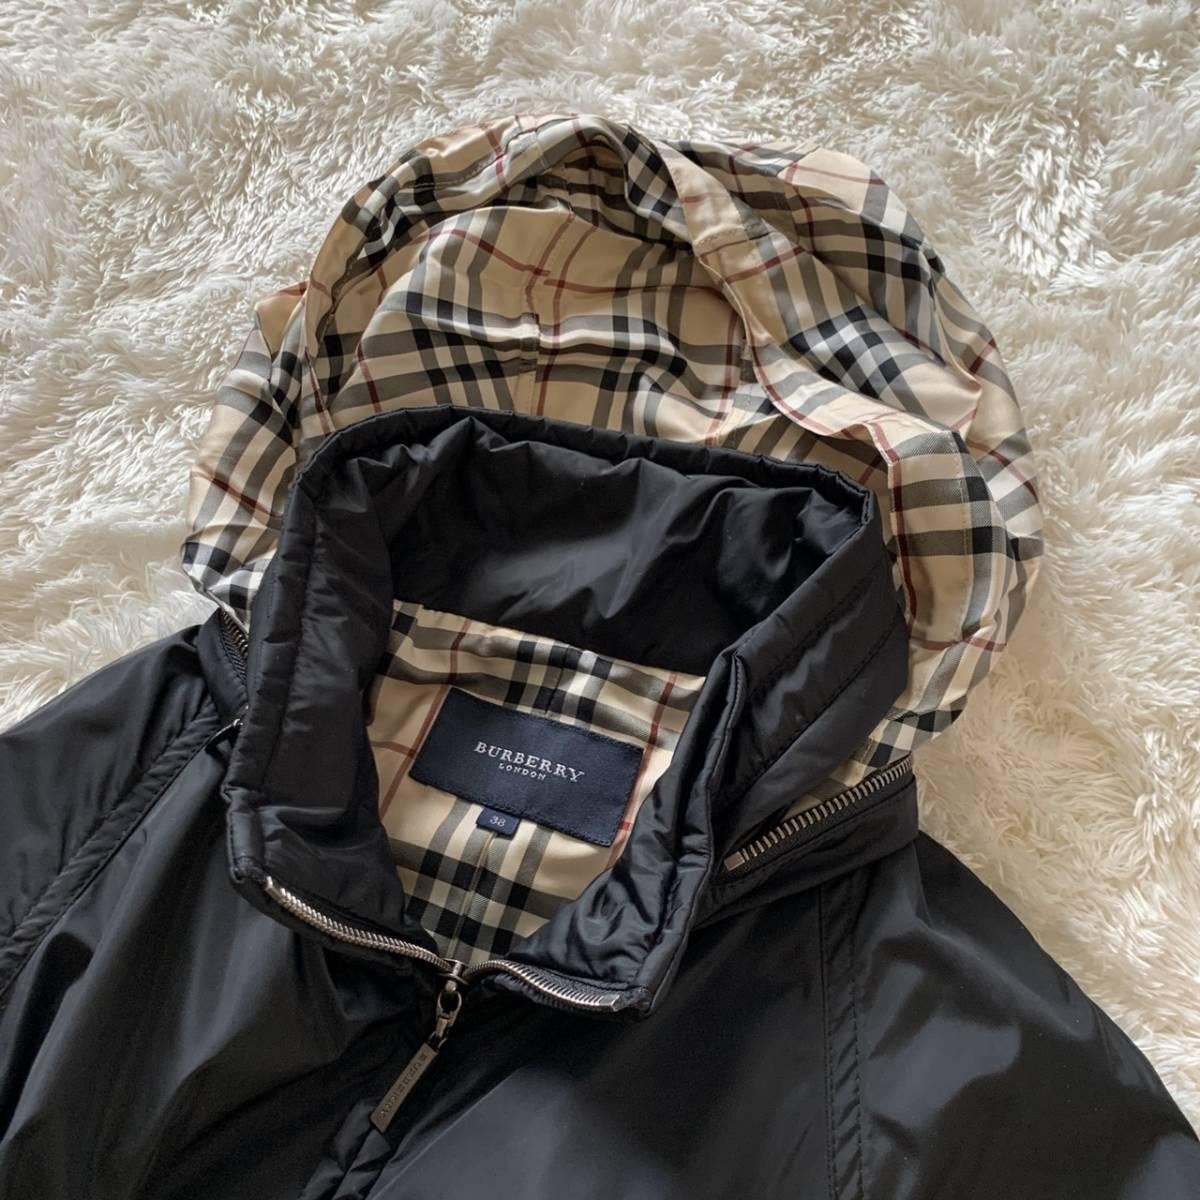 極美品 バーバリーロンドン ナイロン ジャケット ブラック 黒 38 レディース ブルゾン MA-1 フード付き ノバチェック BURBERRY LONDON_画像7